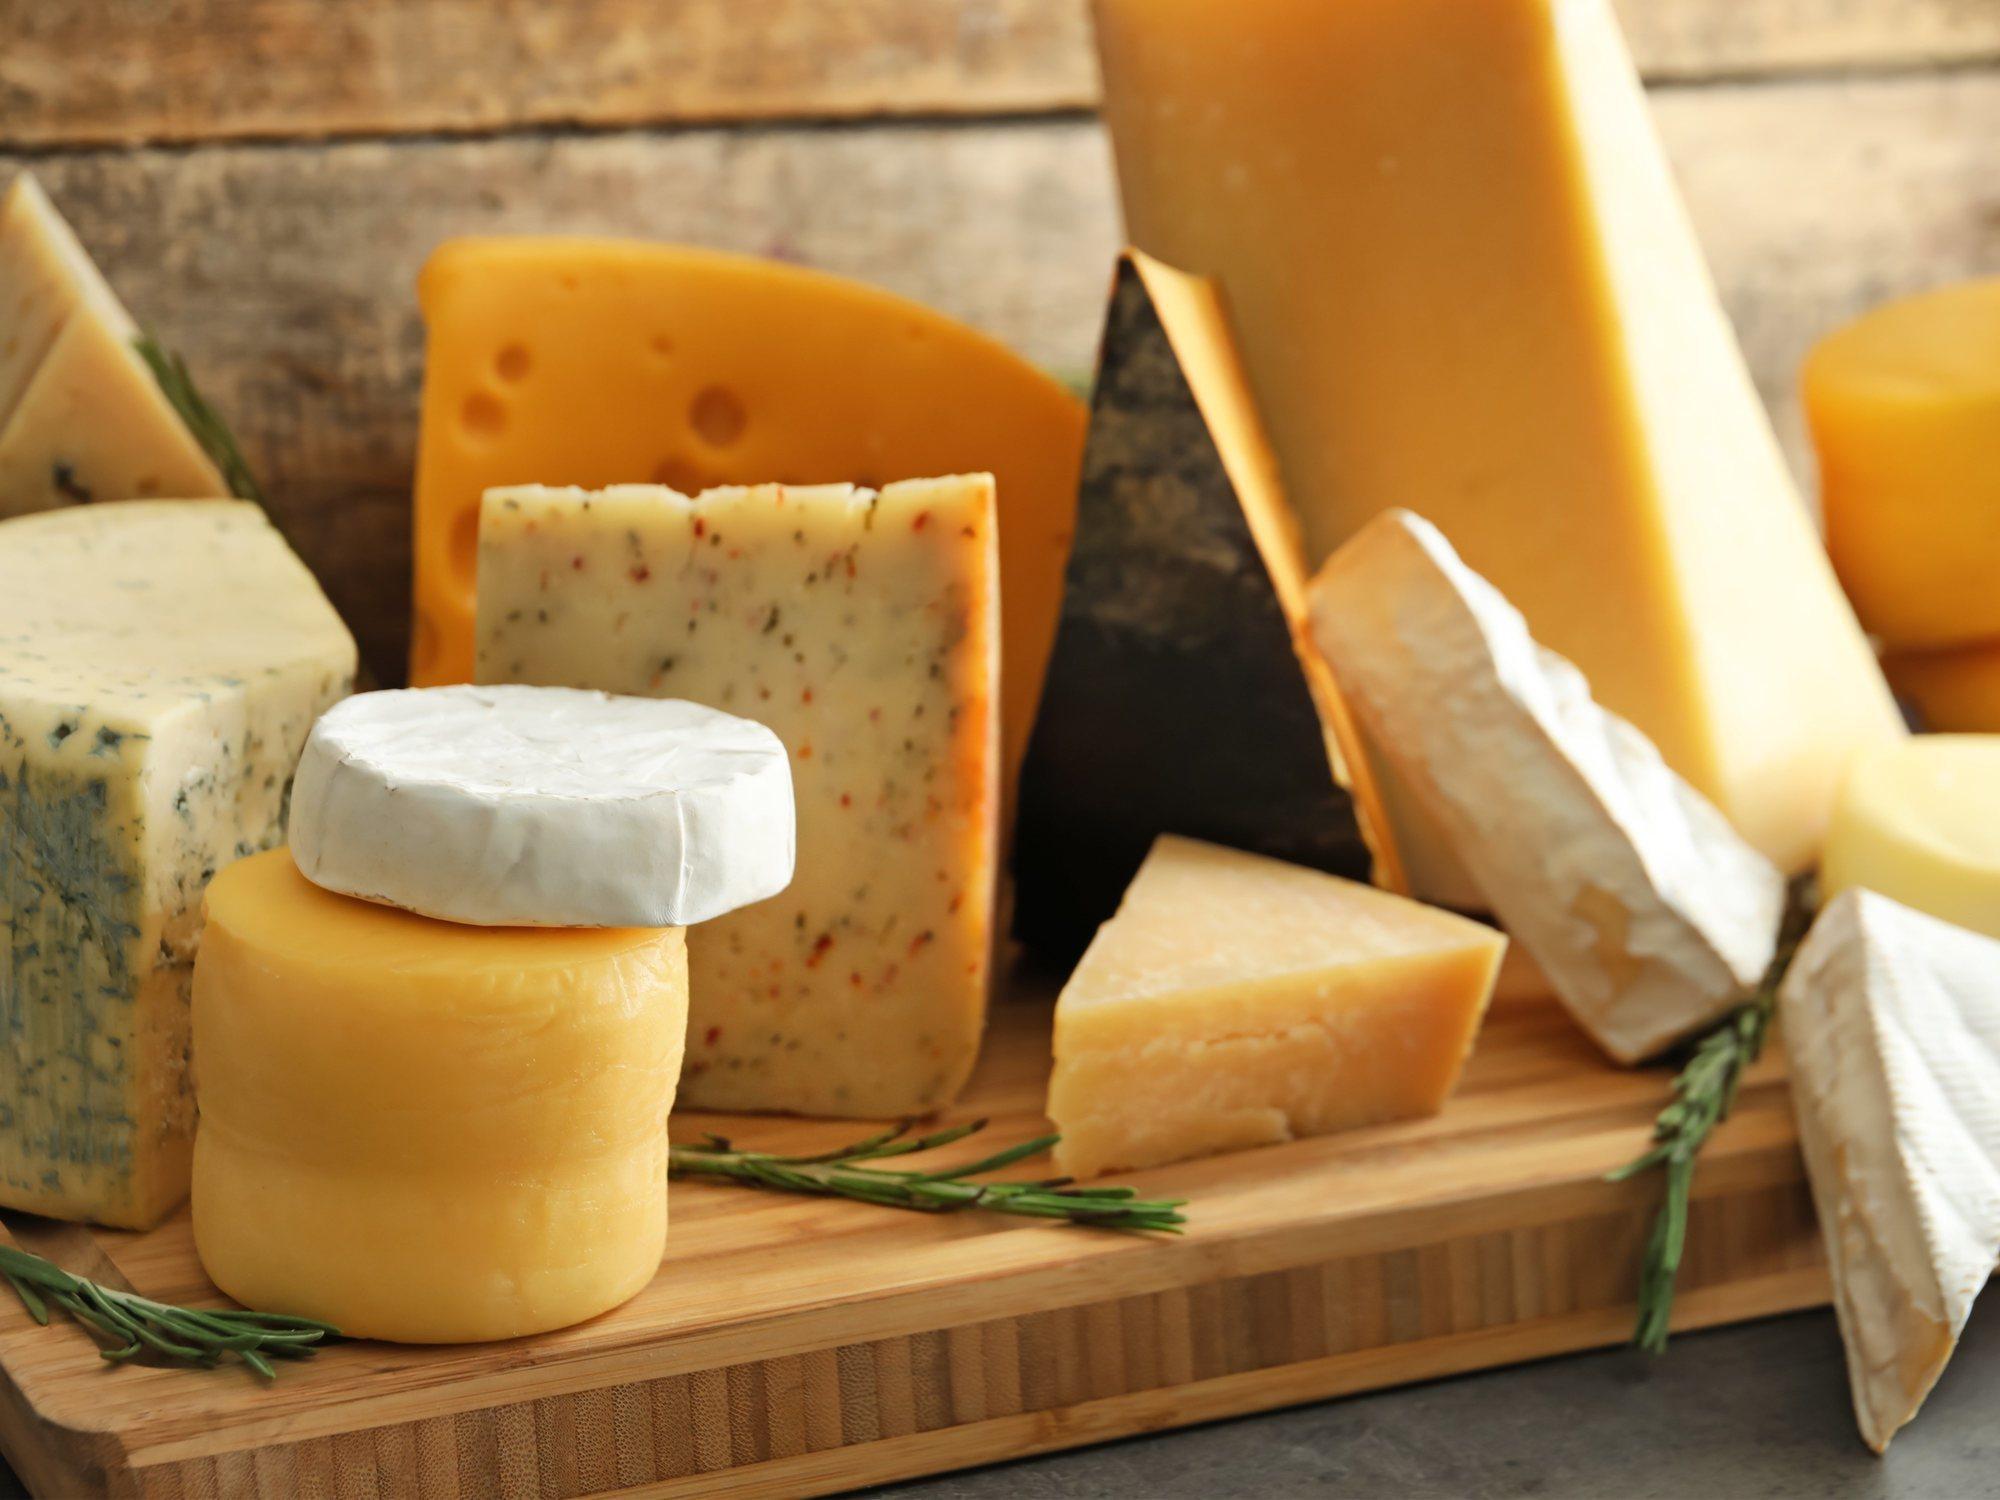 Nueva alerta sanitaria: retiran varios lotes de queso por listeriosis